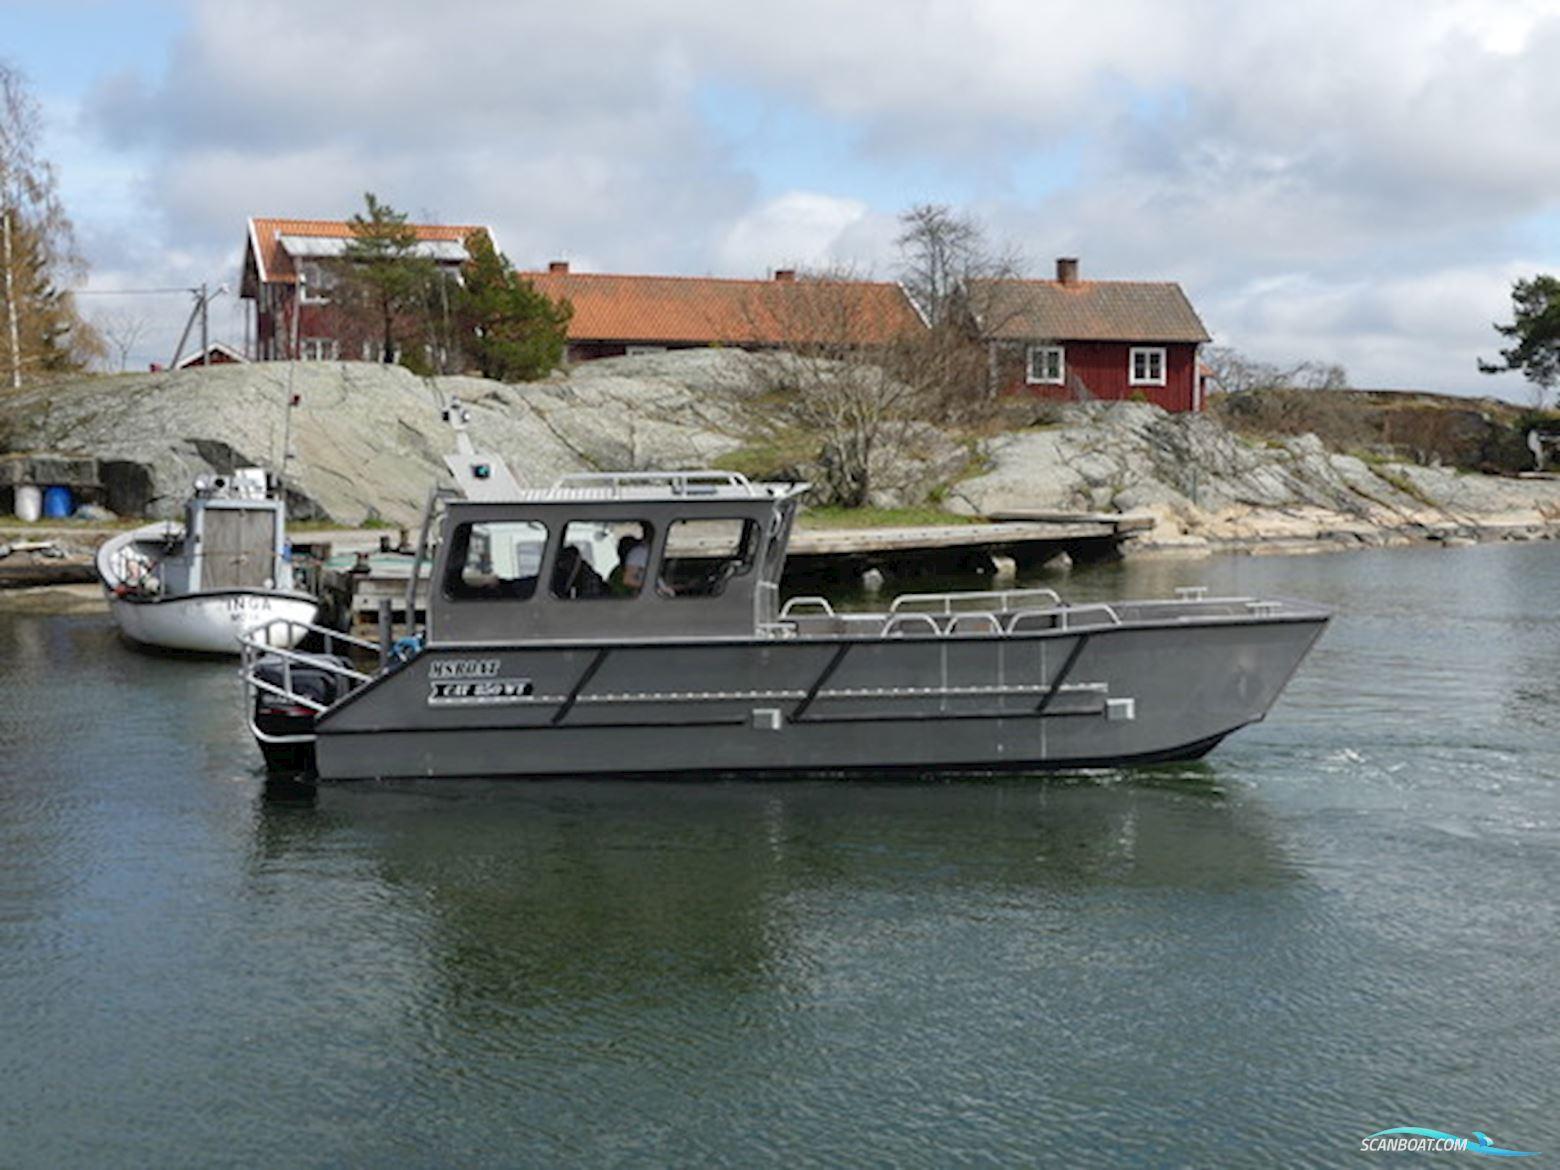 MS Cat850WT (Catamaran Hull)